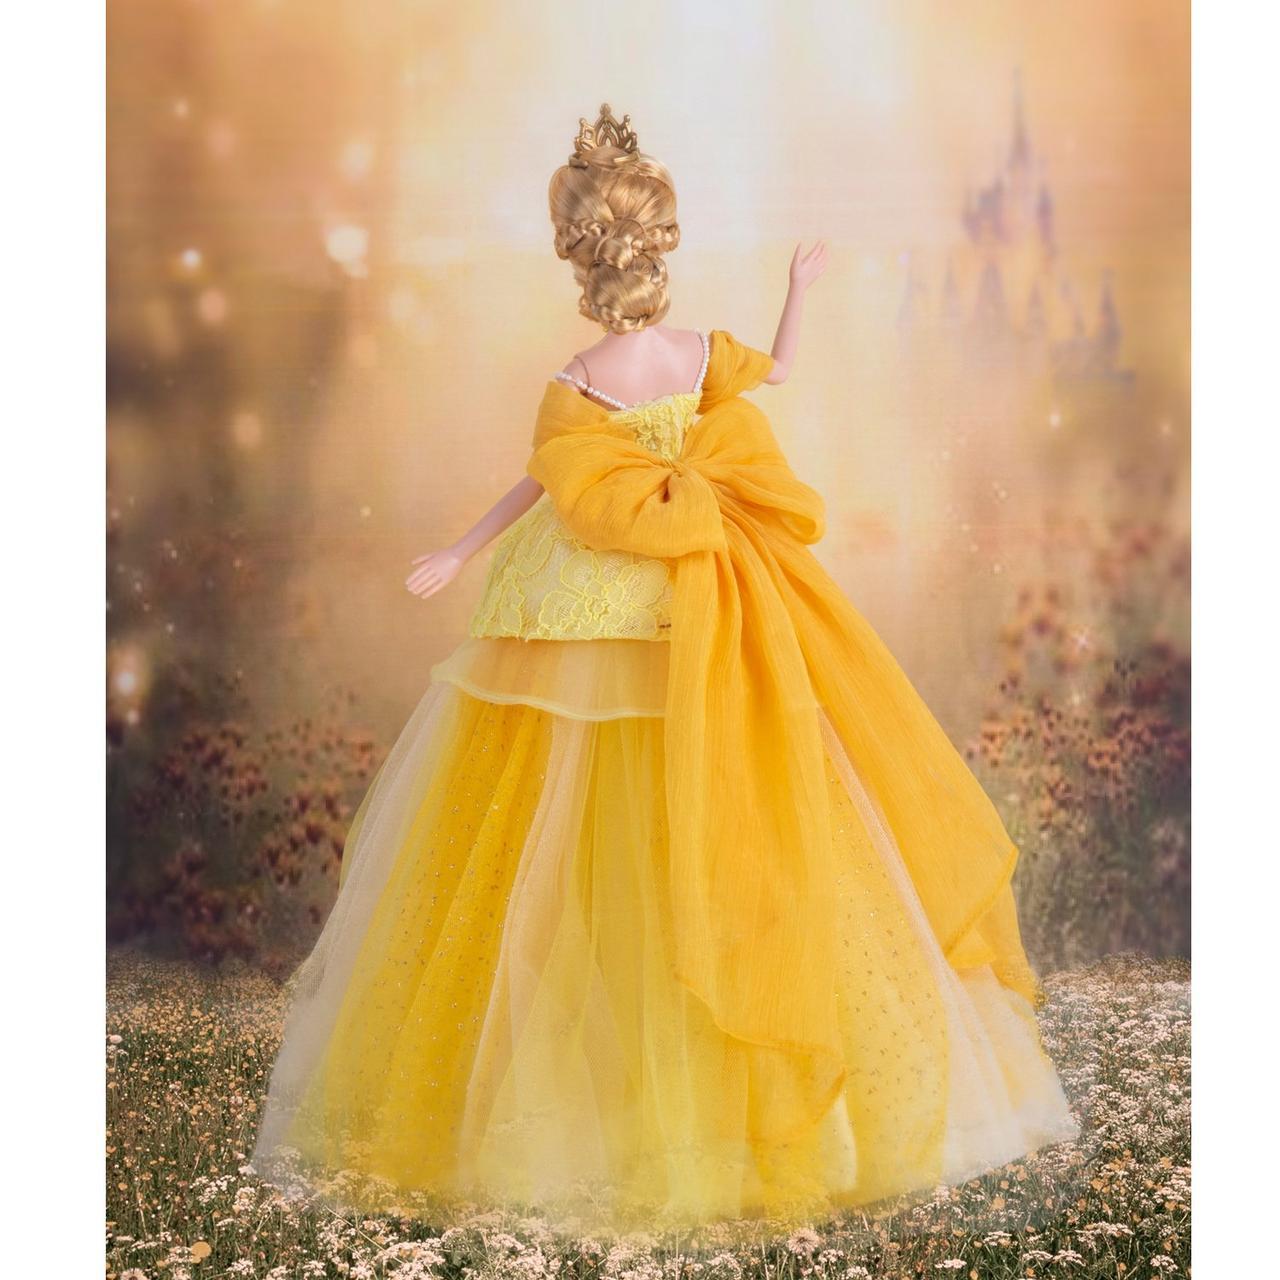 """Кукла Sonya Rose, серия """"Gold collection"""" Солнечный свет (Gulliver, Россия) - фото 4"""